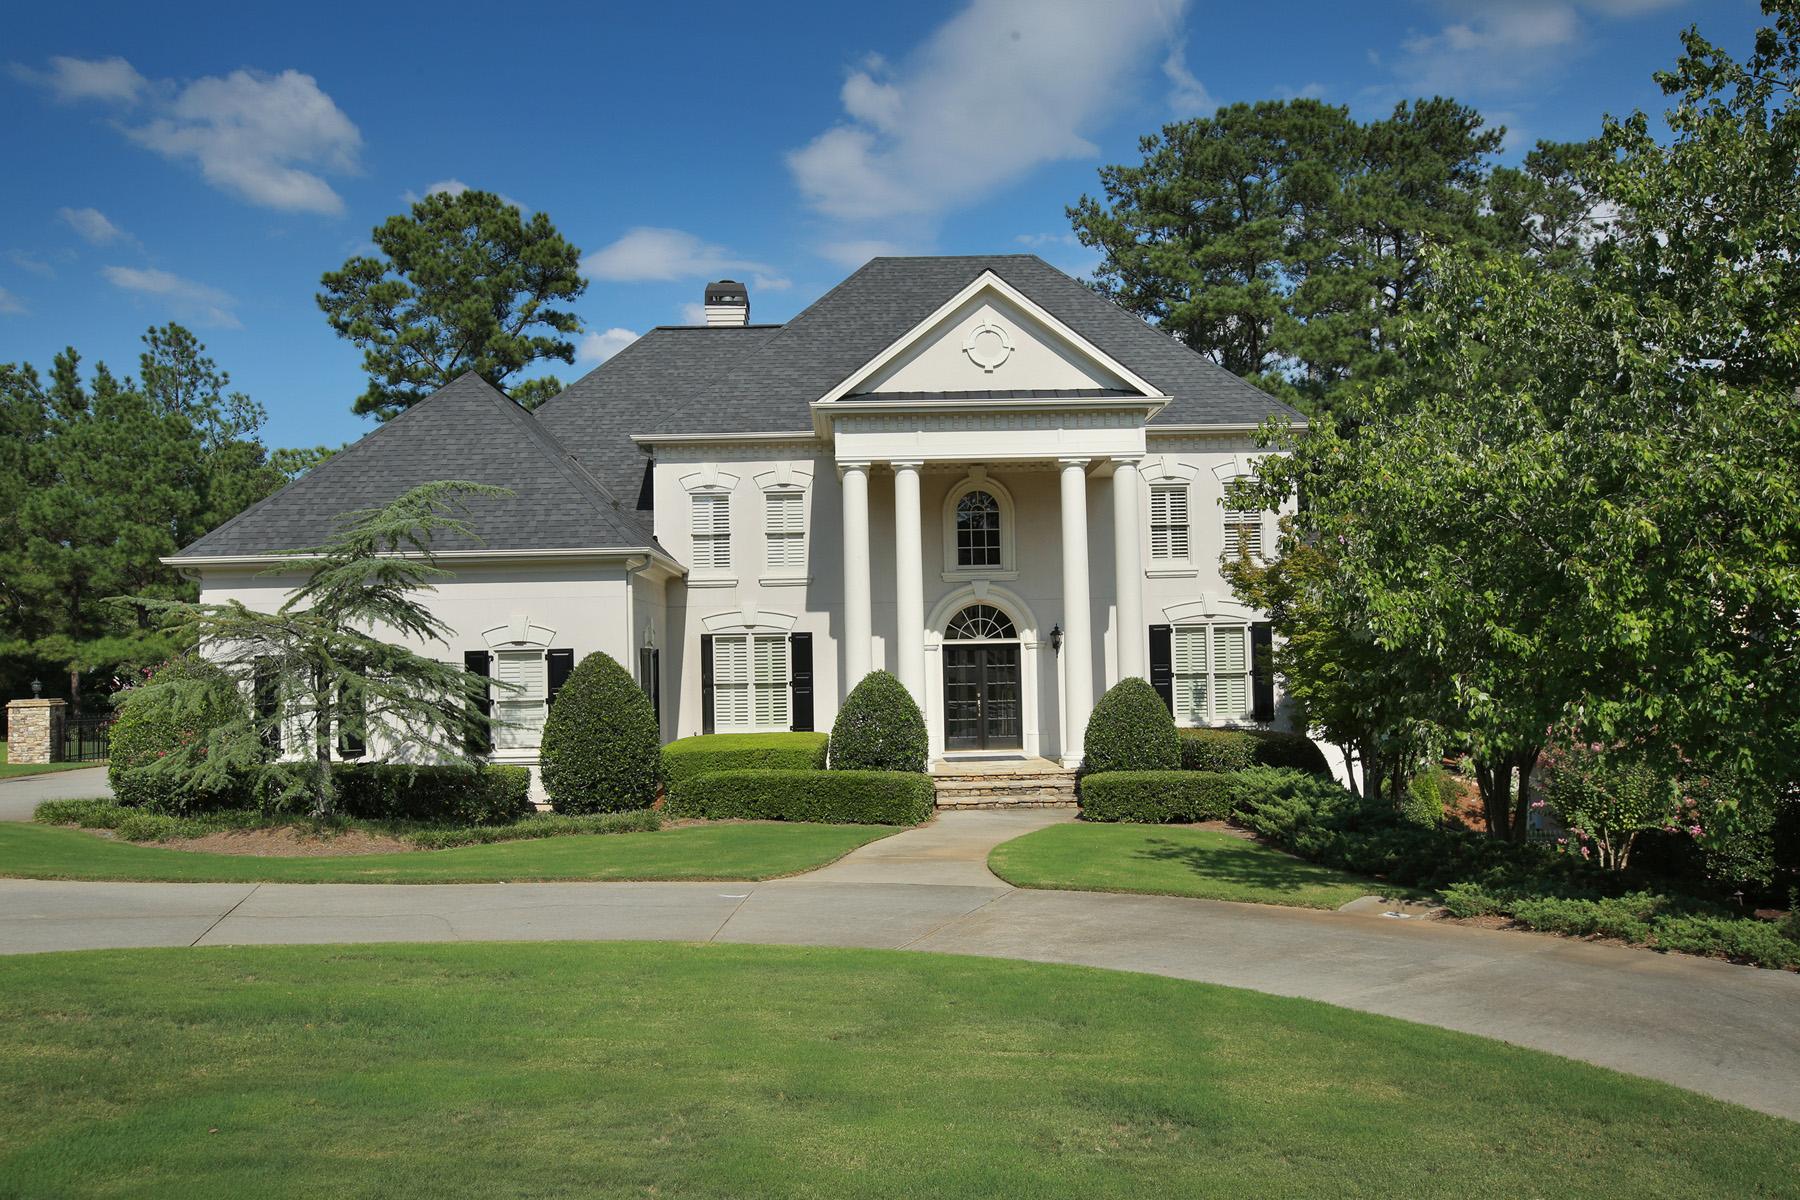 一戸建て のために 売買 アット Fabulous Grande Home On The Golf Course! 8035 Royal Saint Georges Lane Duluth, ジョージア, 30097 アメリカ合衆国